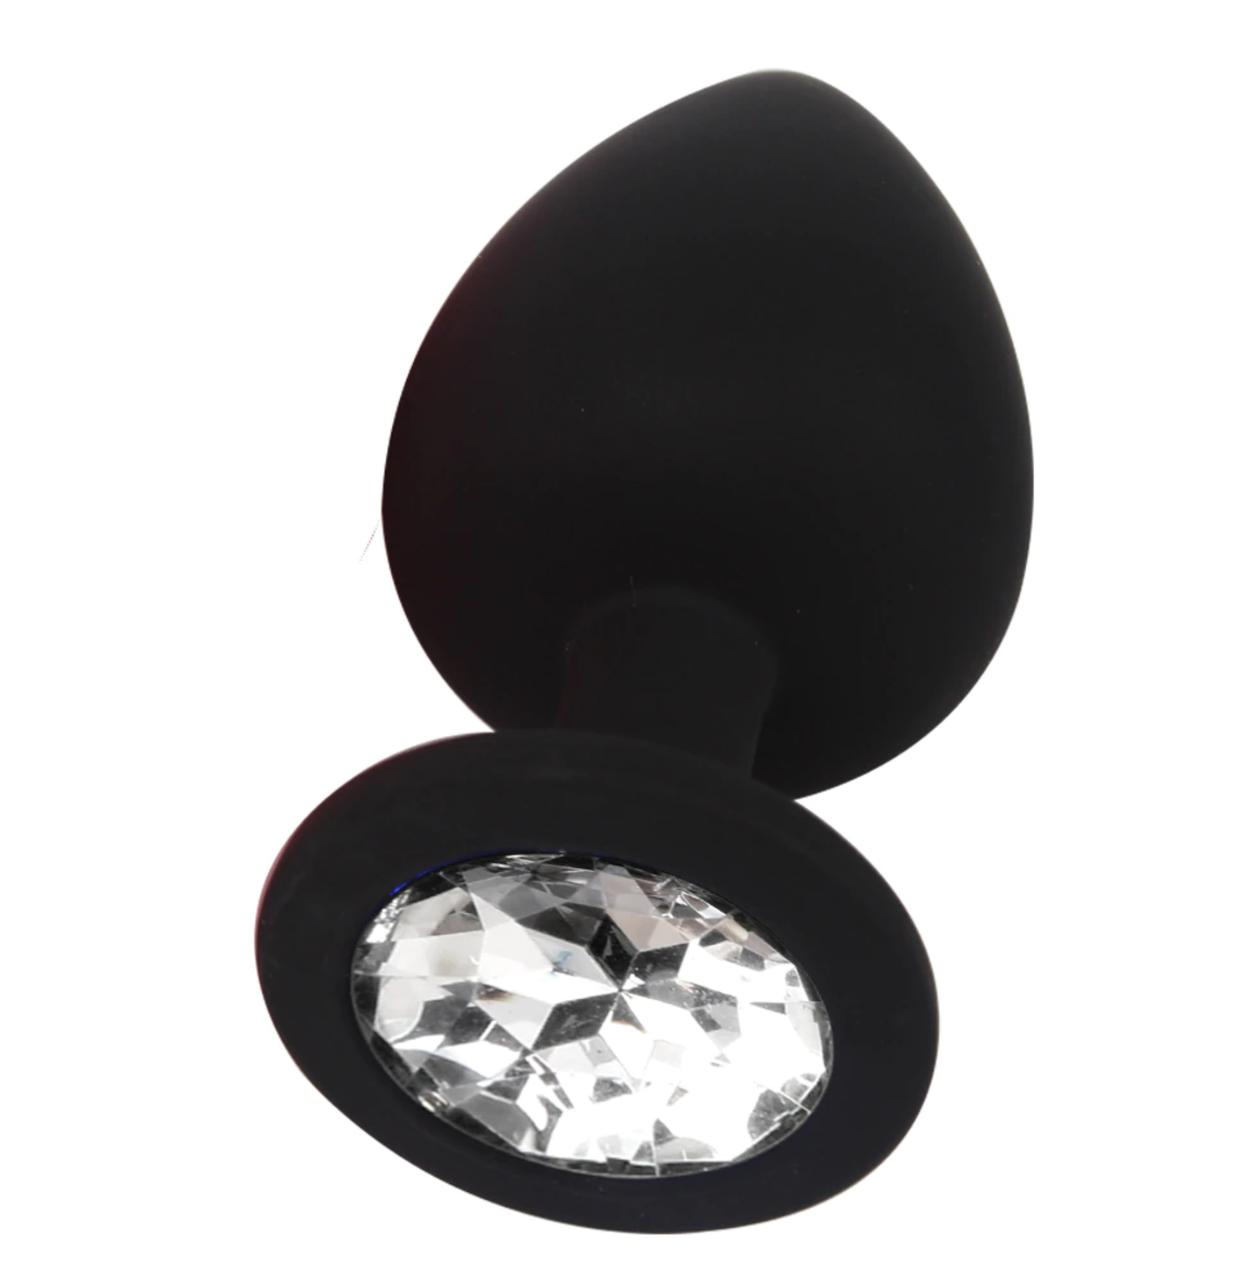 Силіконова анальна пробка Чорна з білим кристалом